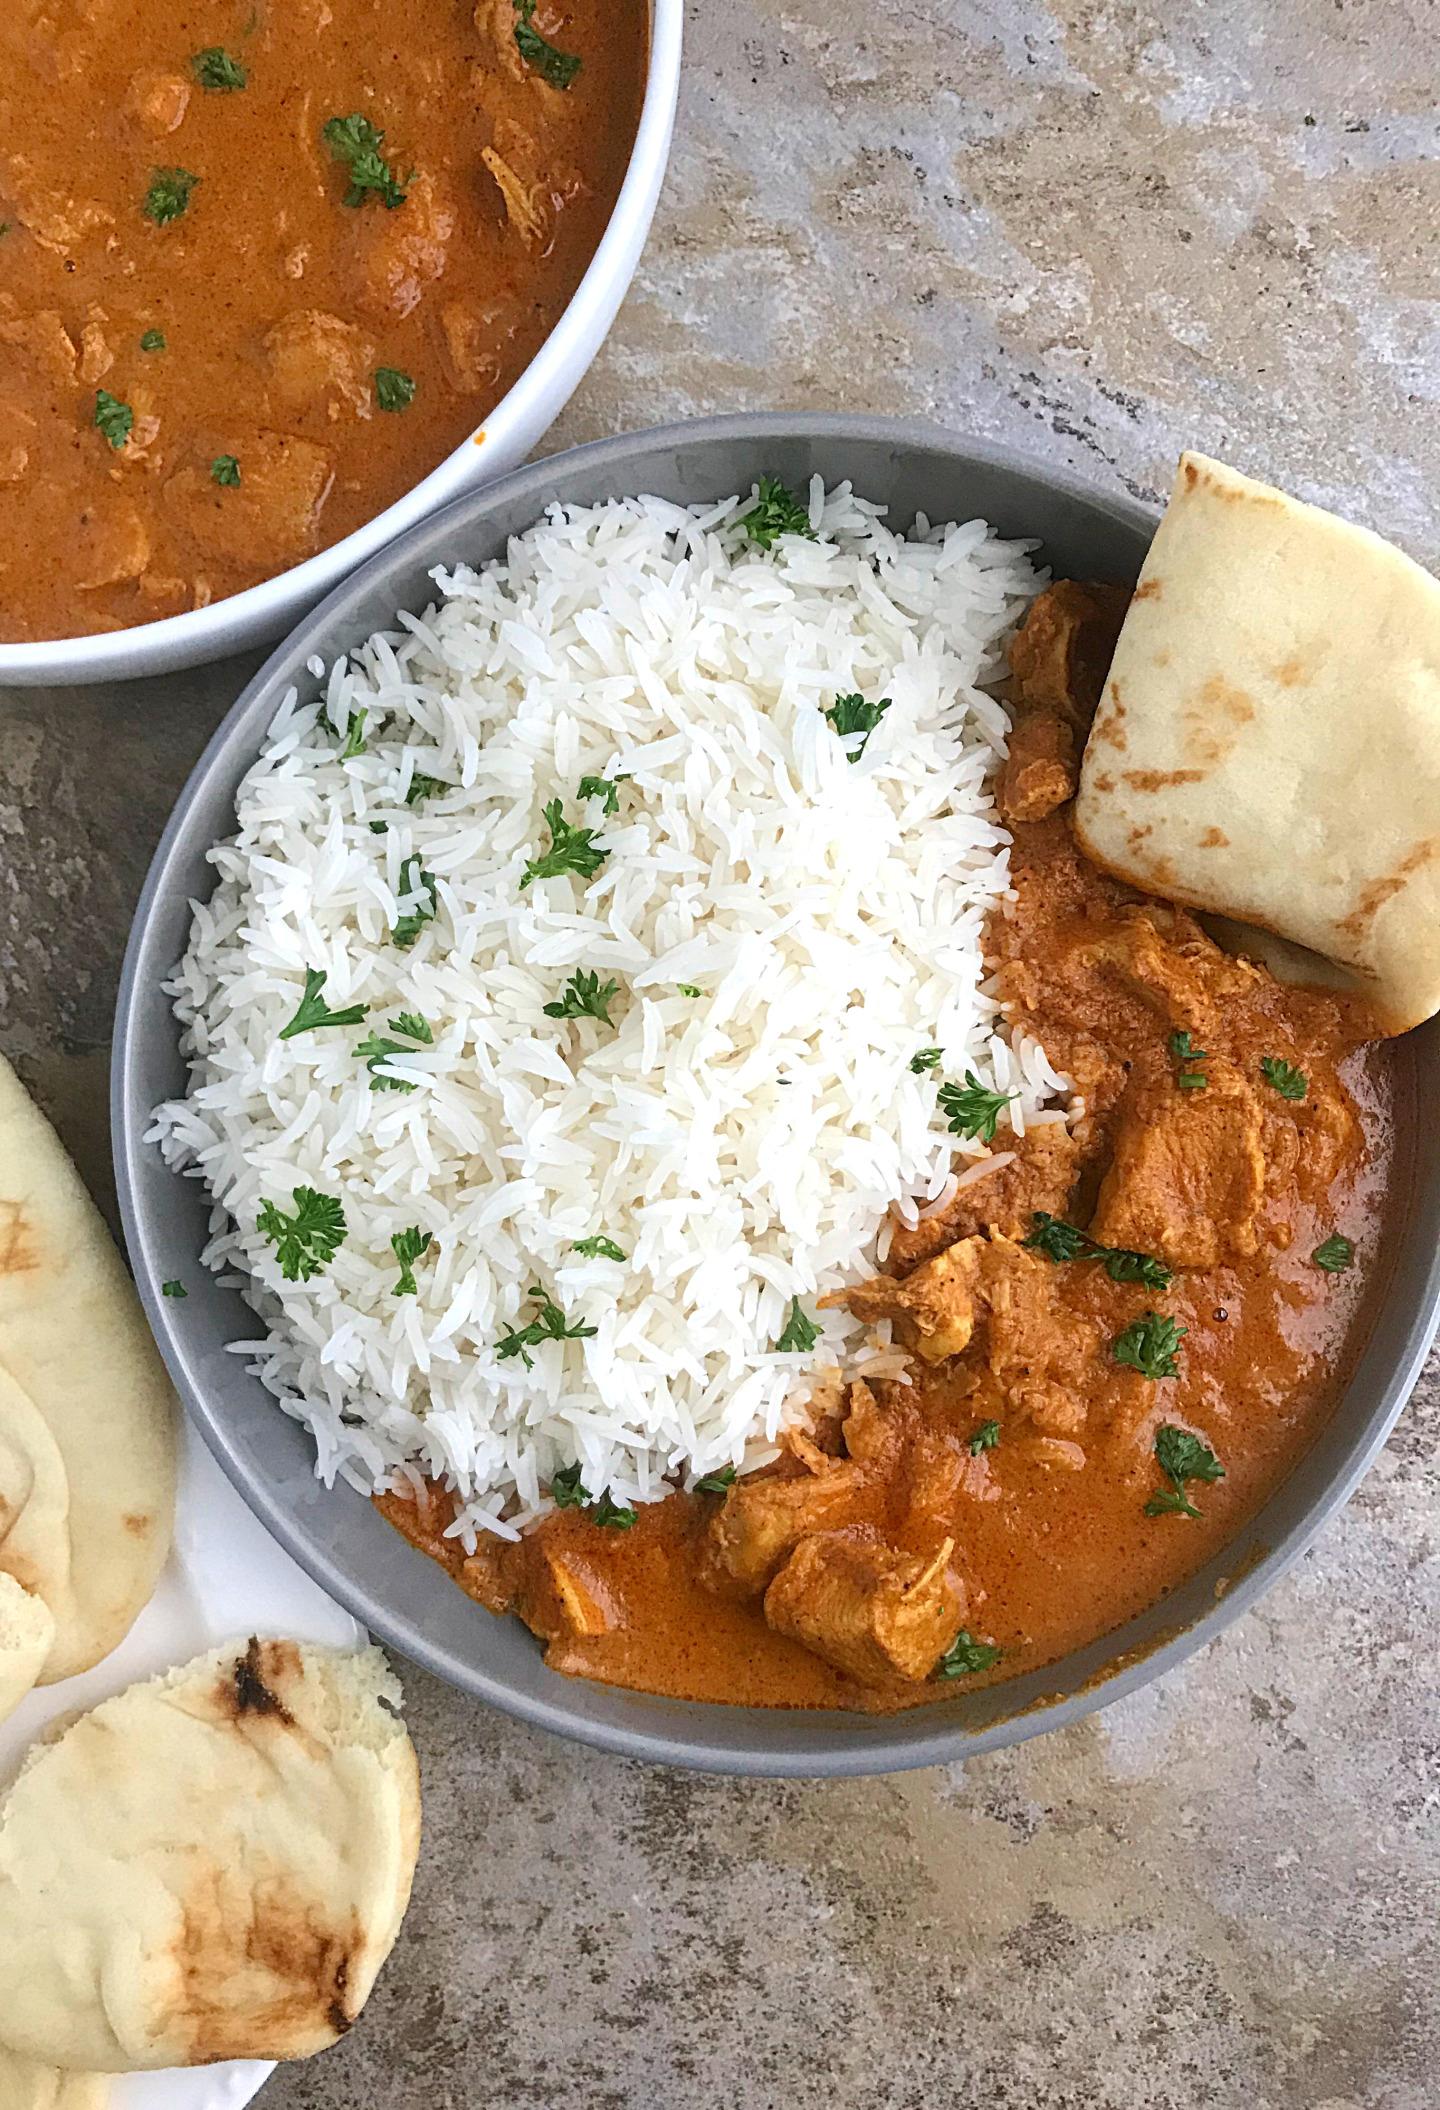 65 Easy Instant Pot + Crockpot Dinner Recipes | Delicious Instant Pot Chicken Tikka Masala recipe